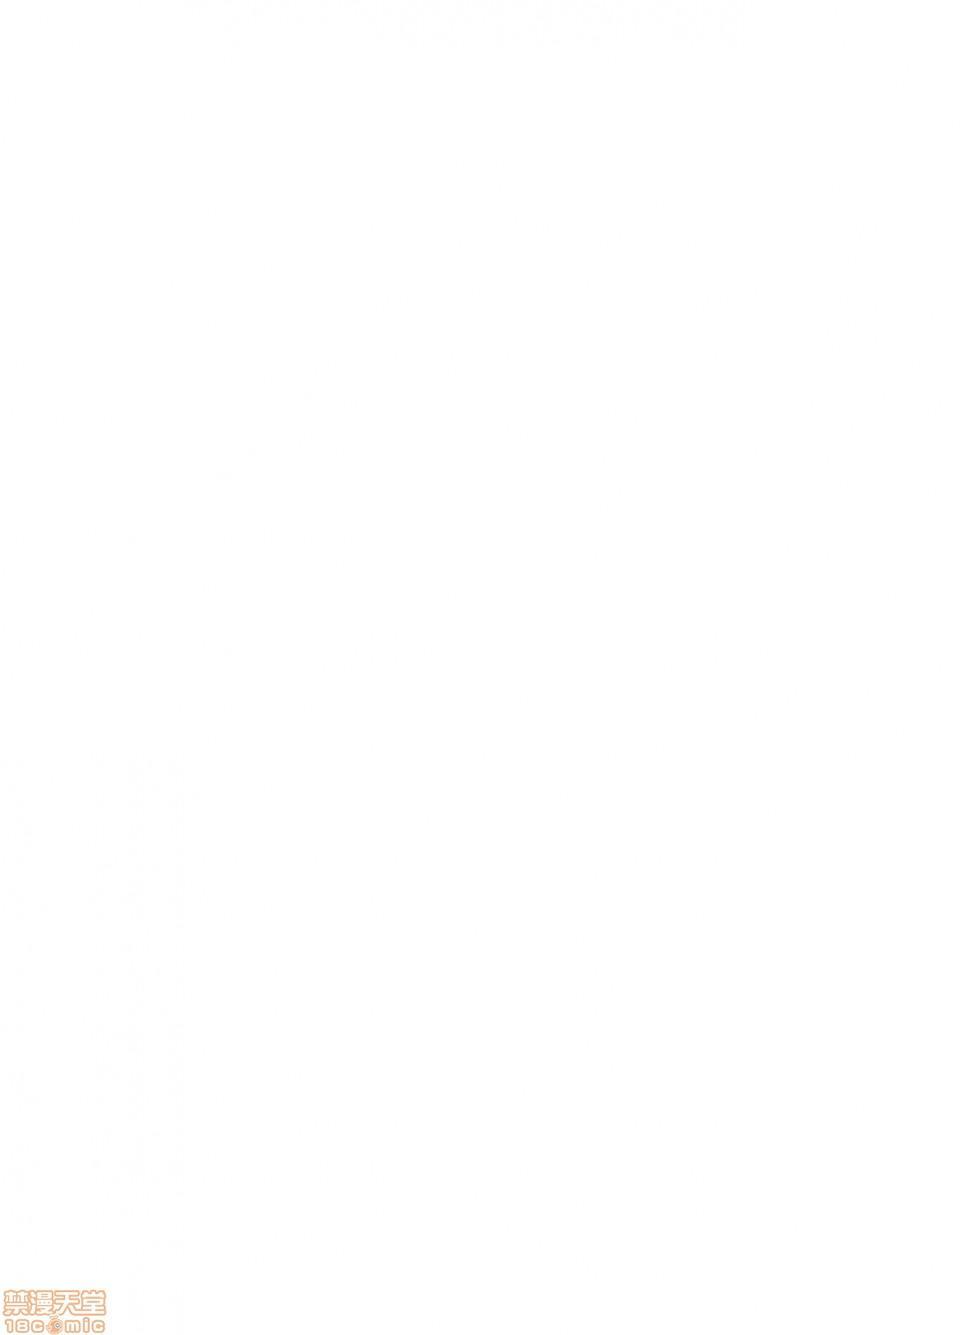 性欲に勝てないオンナ(人造人間)+ フルカラー4ページ漫画(ラフタリア&ツナデ) 38